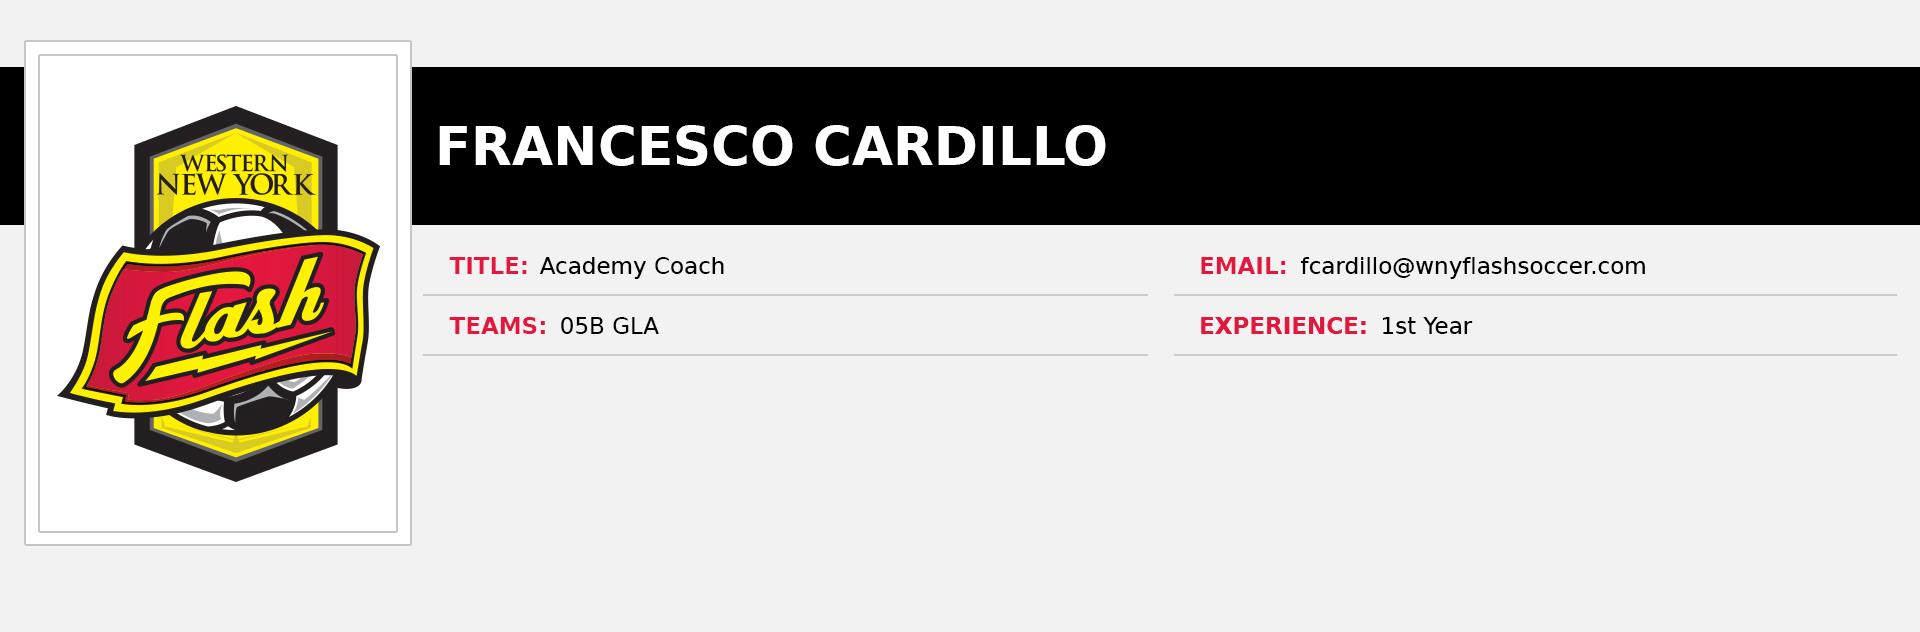 Francesco Cardillo